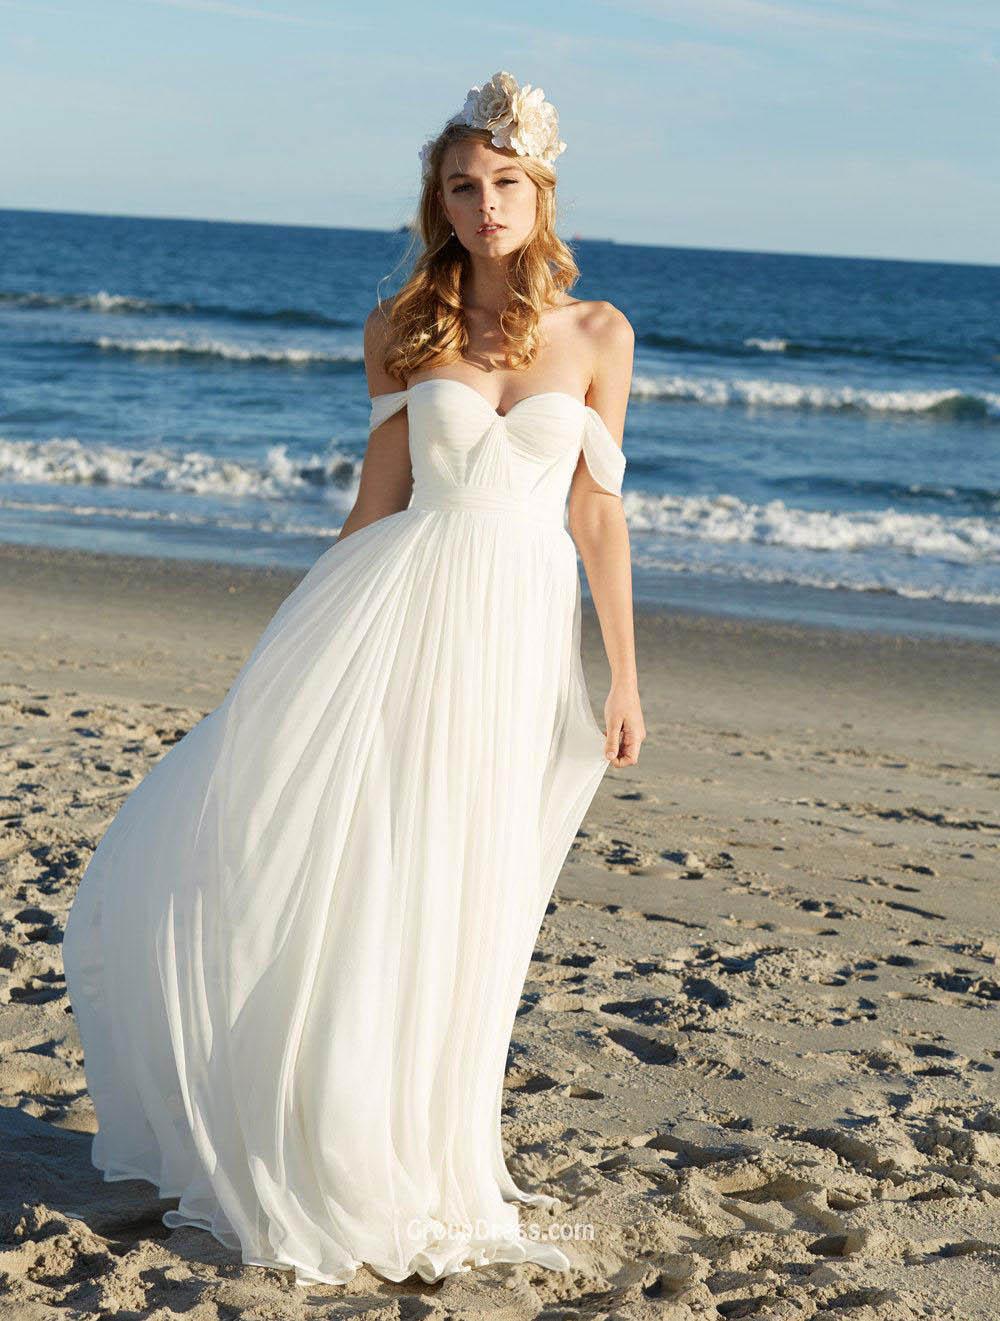 Особенности пляжной свадьбы